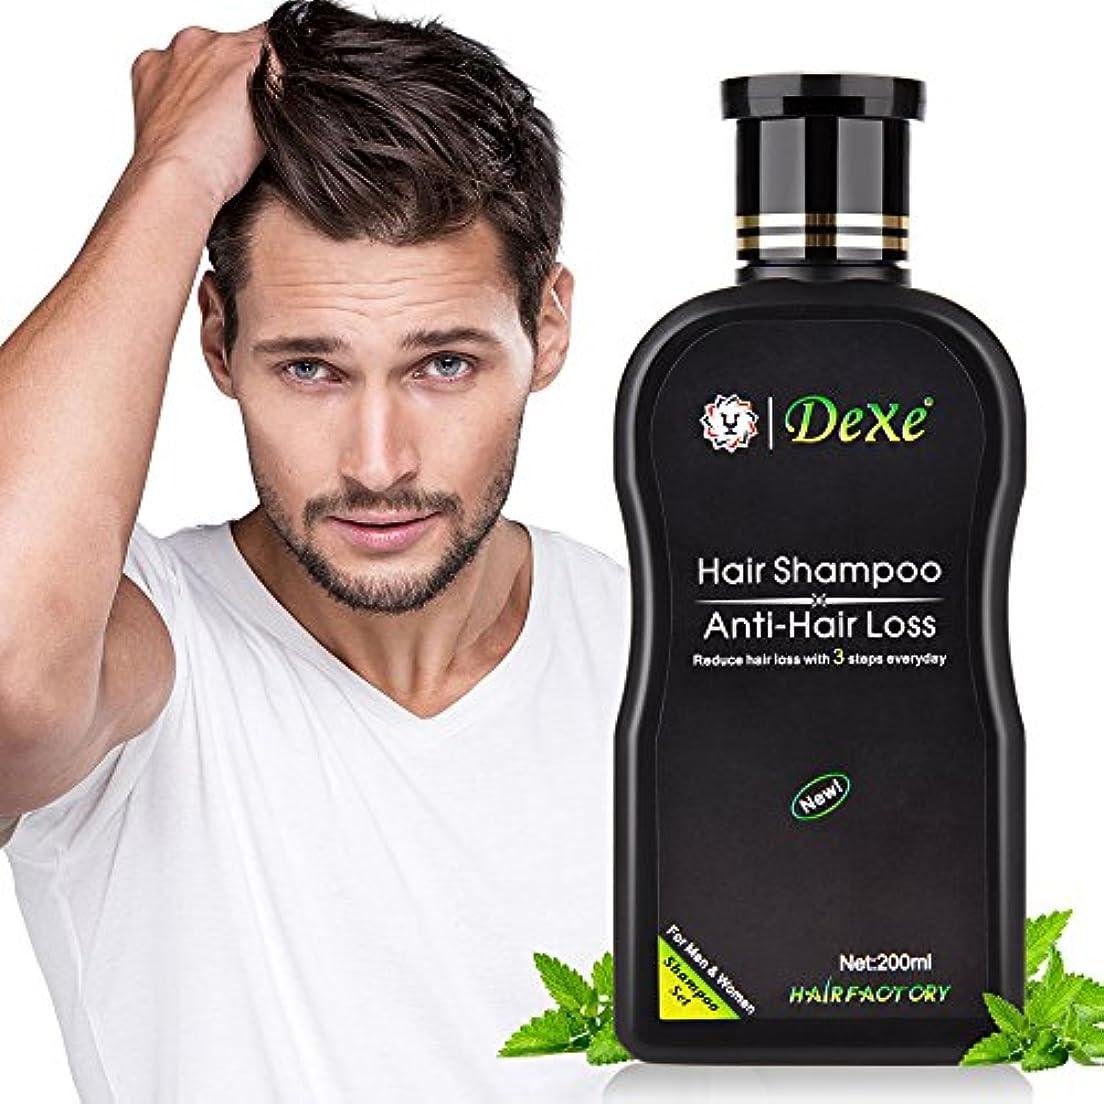 ソケット感情スケート(最もよい価格)2pcs Xの毛の成長の刺激的なシャンプー、反脱毛の毛のシャンプー、男性及び女性のための自然な草のエキスの薄くなる毛の処置、200ML ( 2pcs X Hair Growth Stimulating Shampoo...